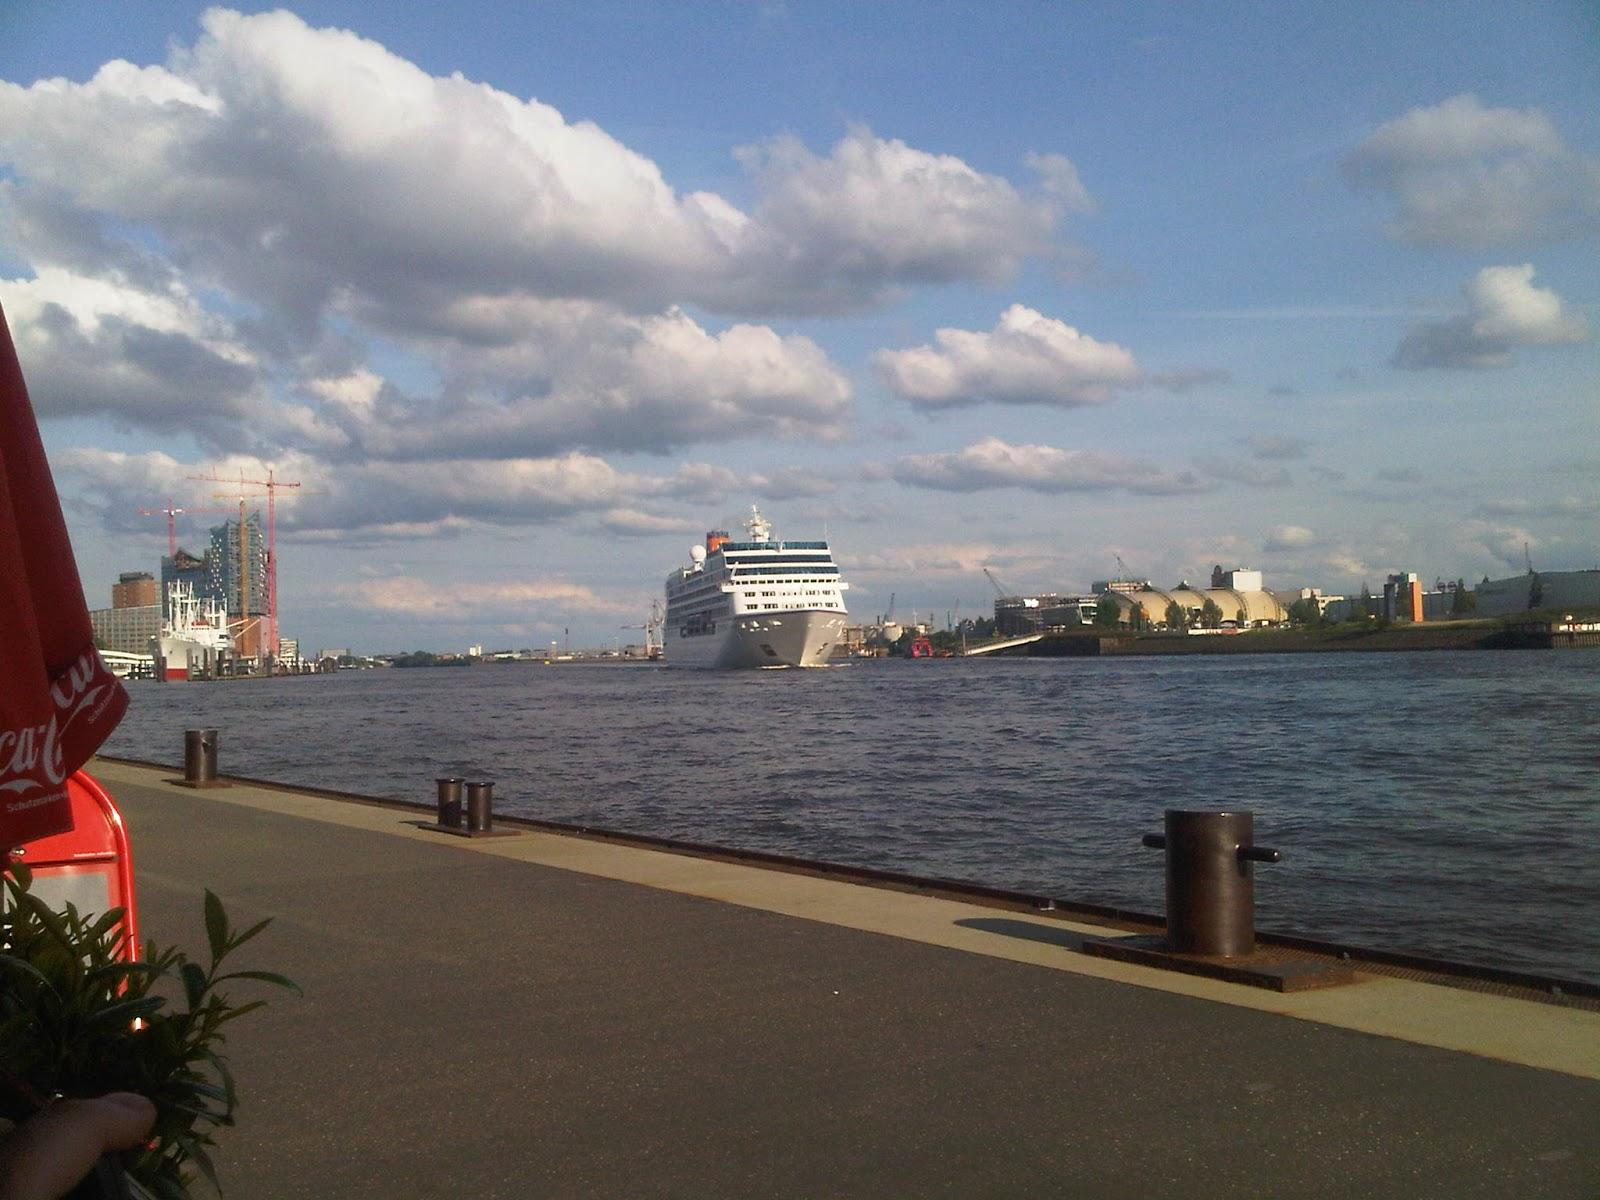 Columbus 2 verlässt den Hamburger Hafen an den Landungsbrücken noch weit entfernt.